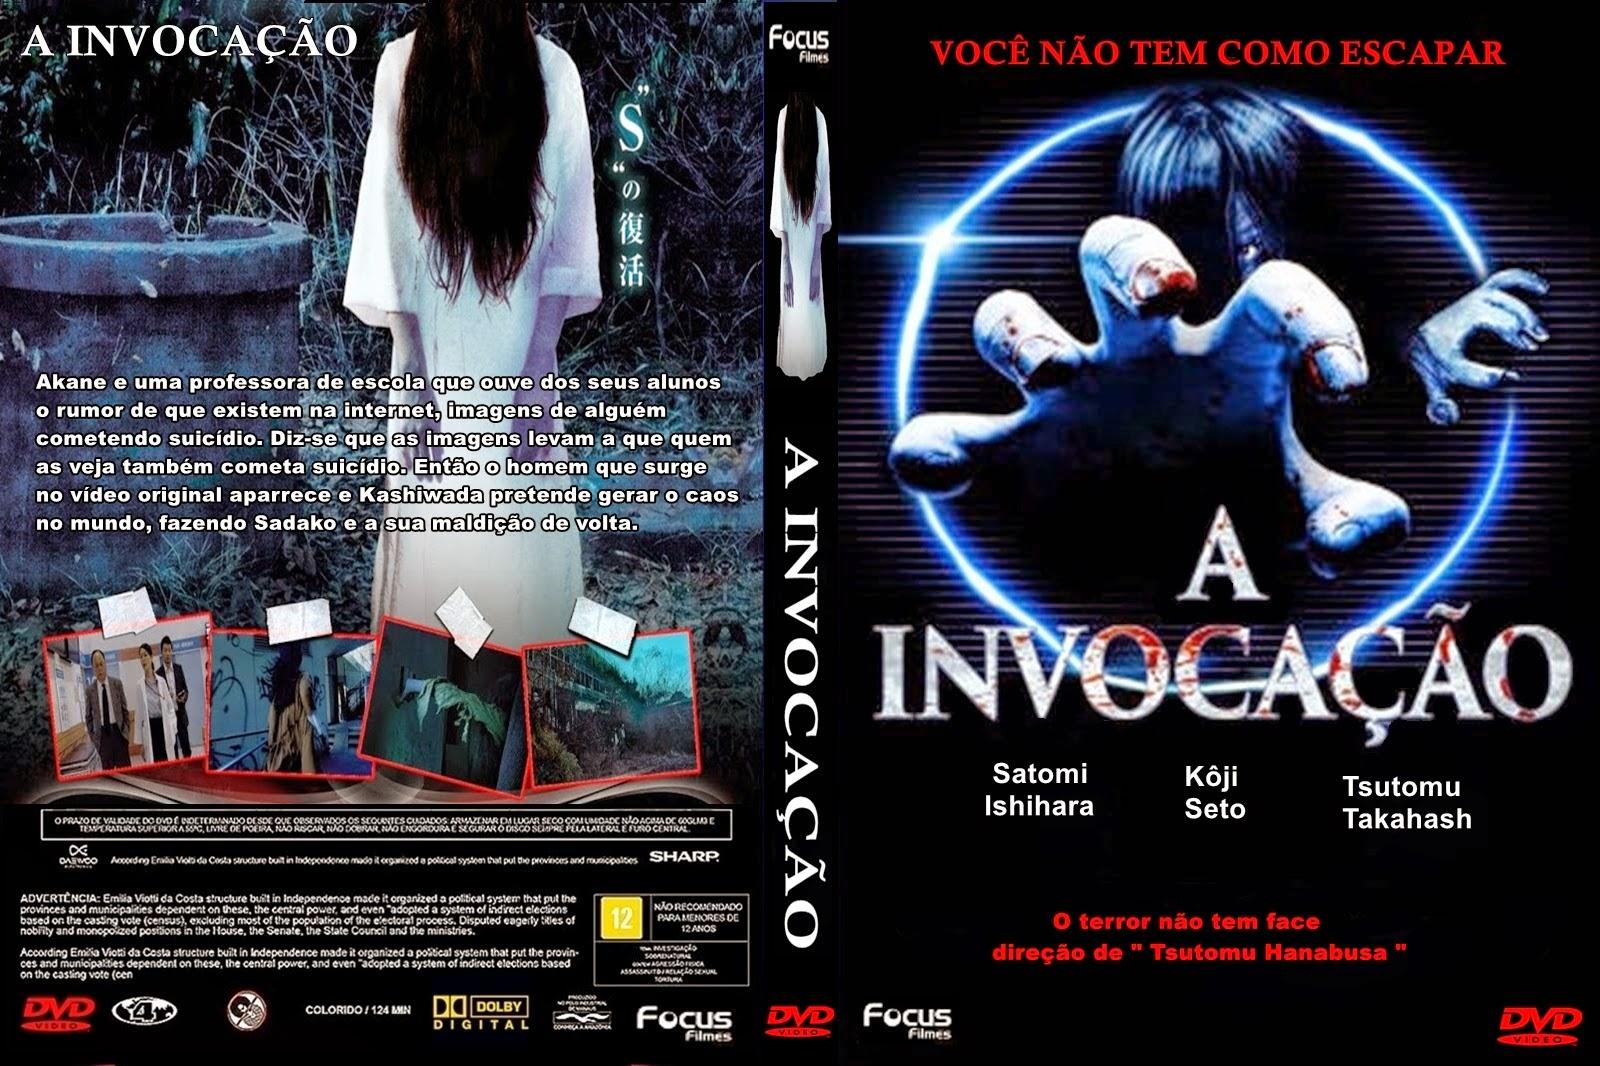 Filme - A Invocação DVD Capa